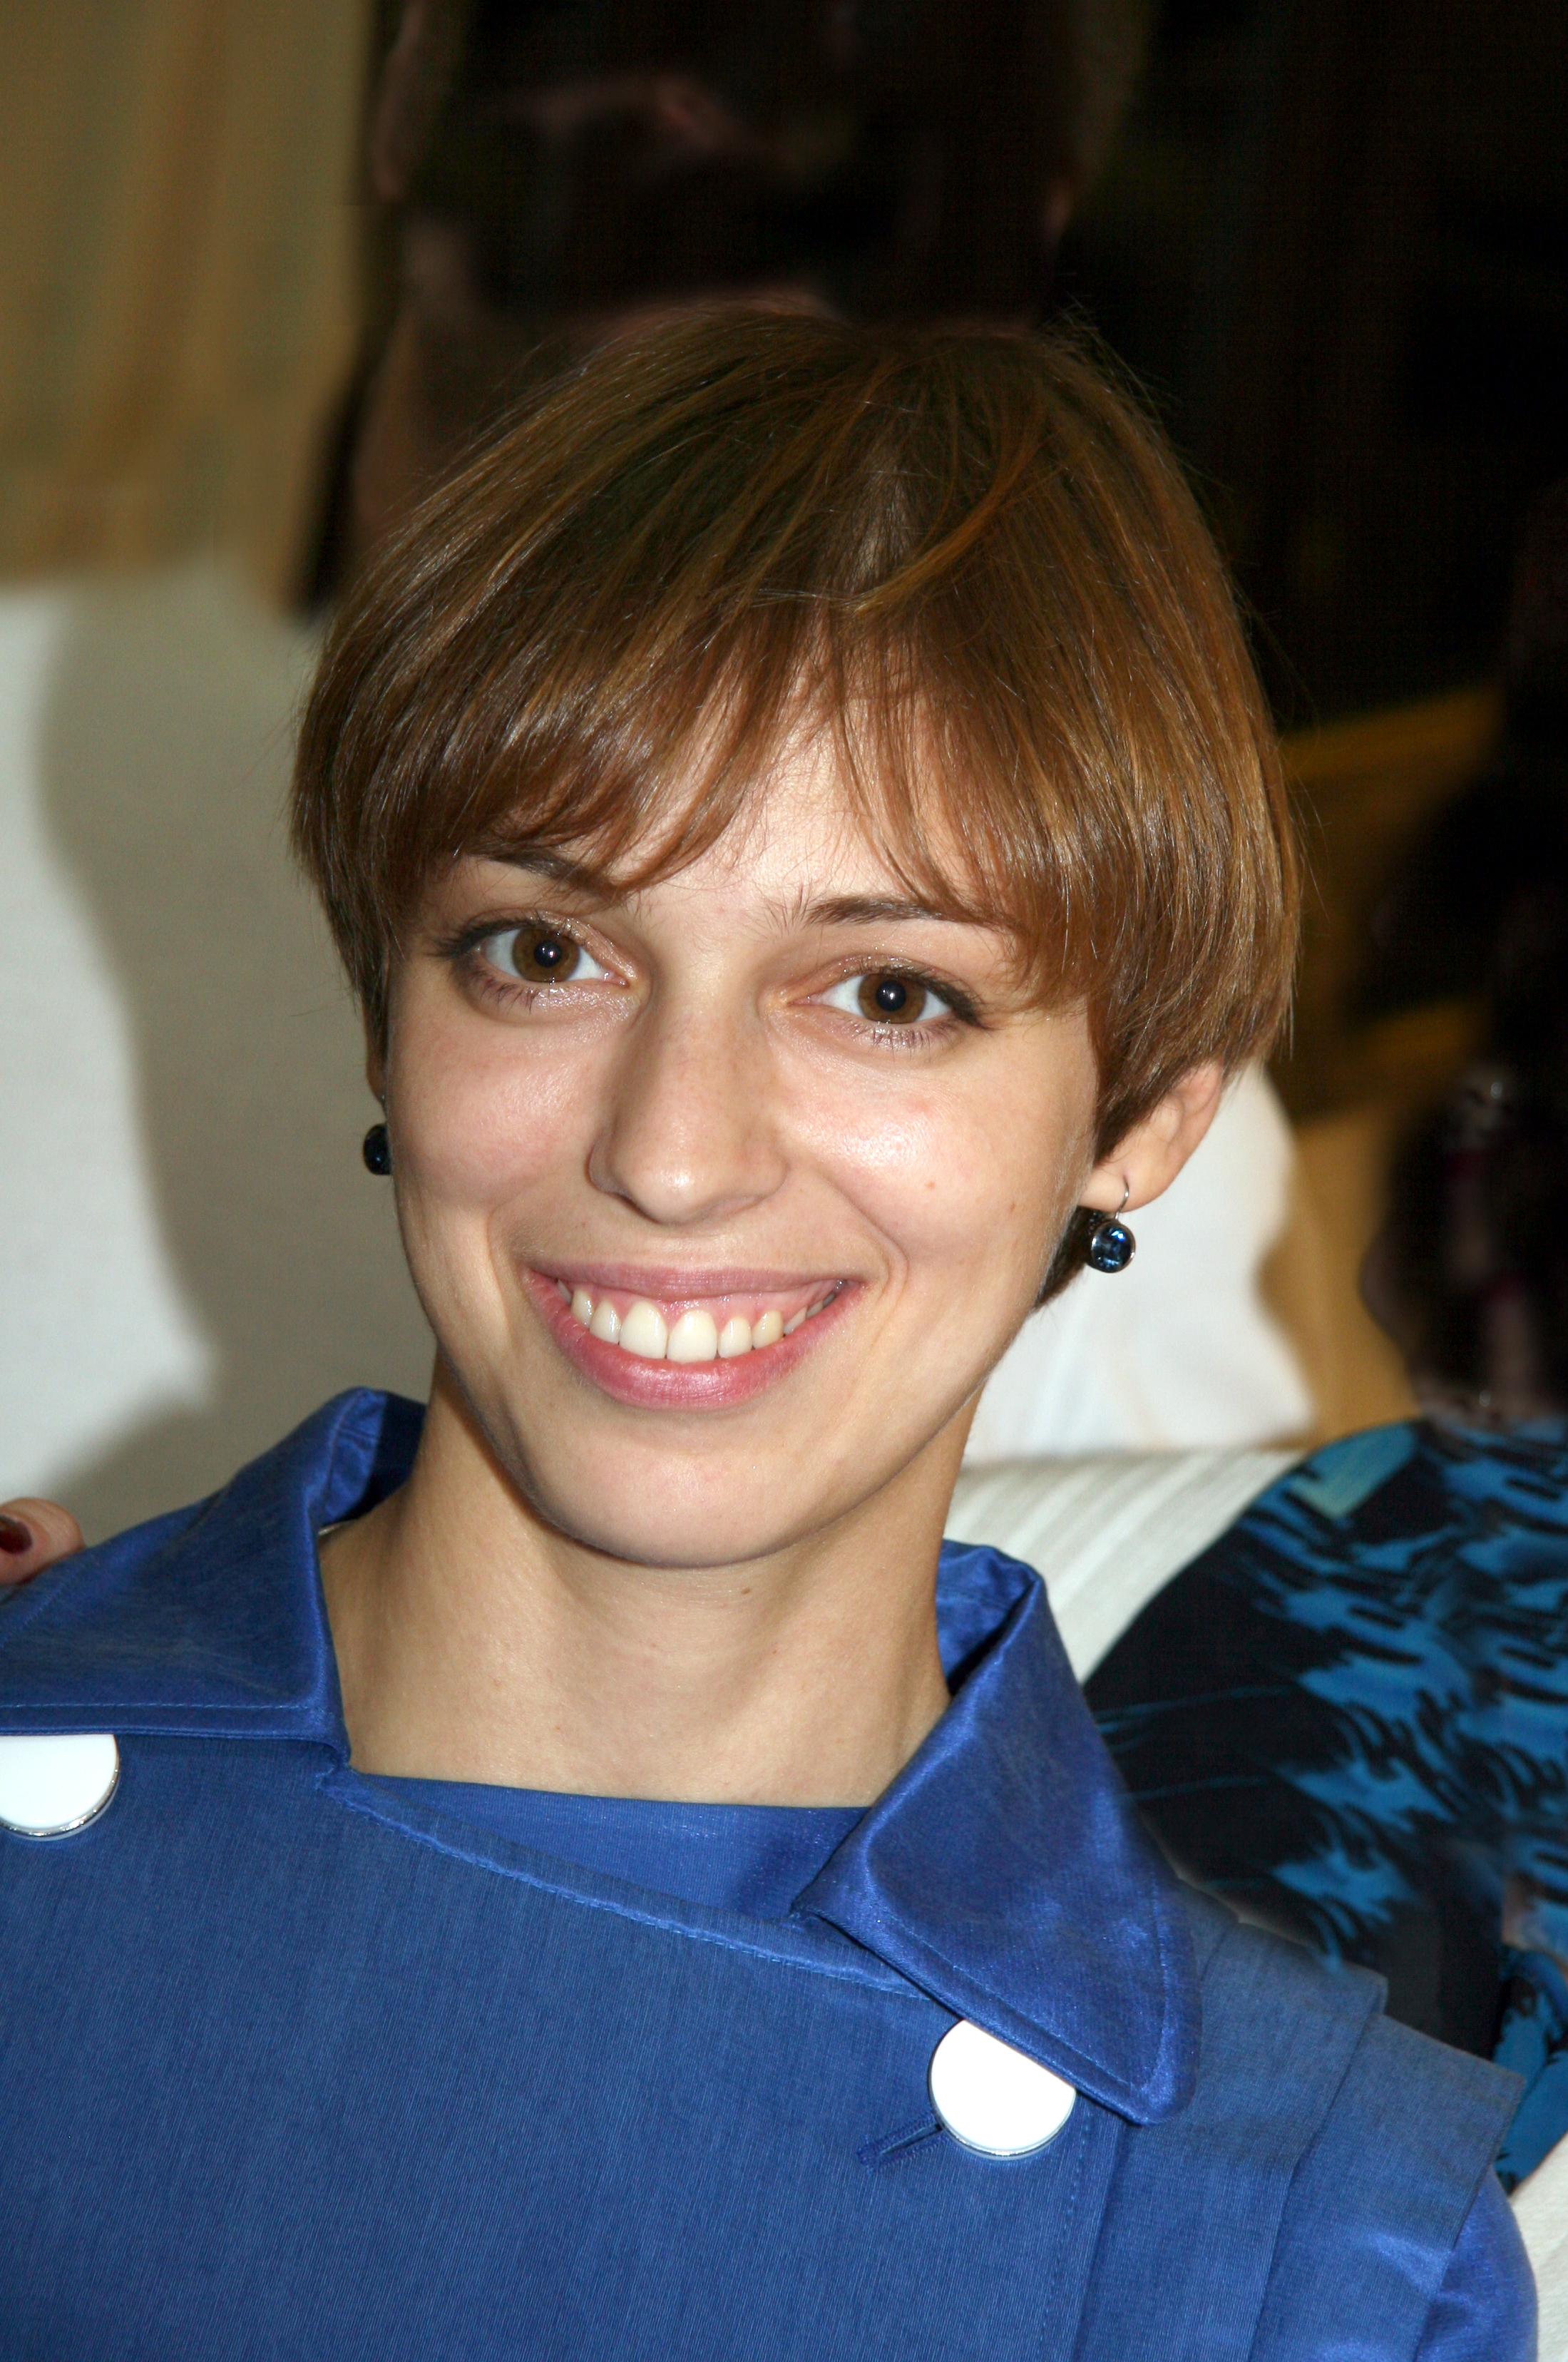 Nelli Uvarova hides the father of her child 01/19/2011